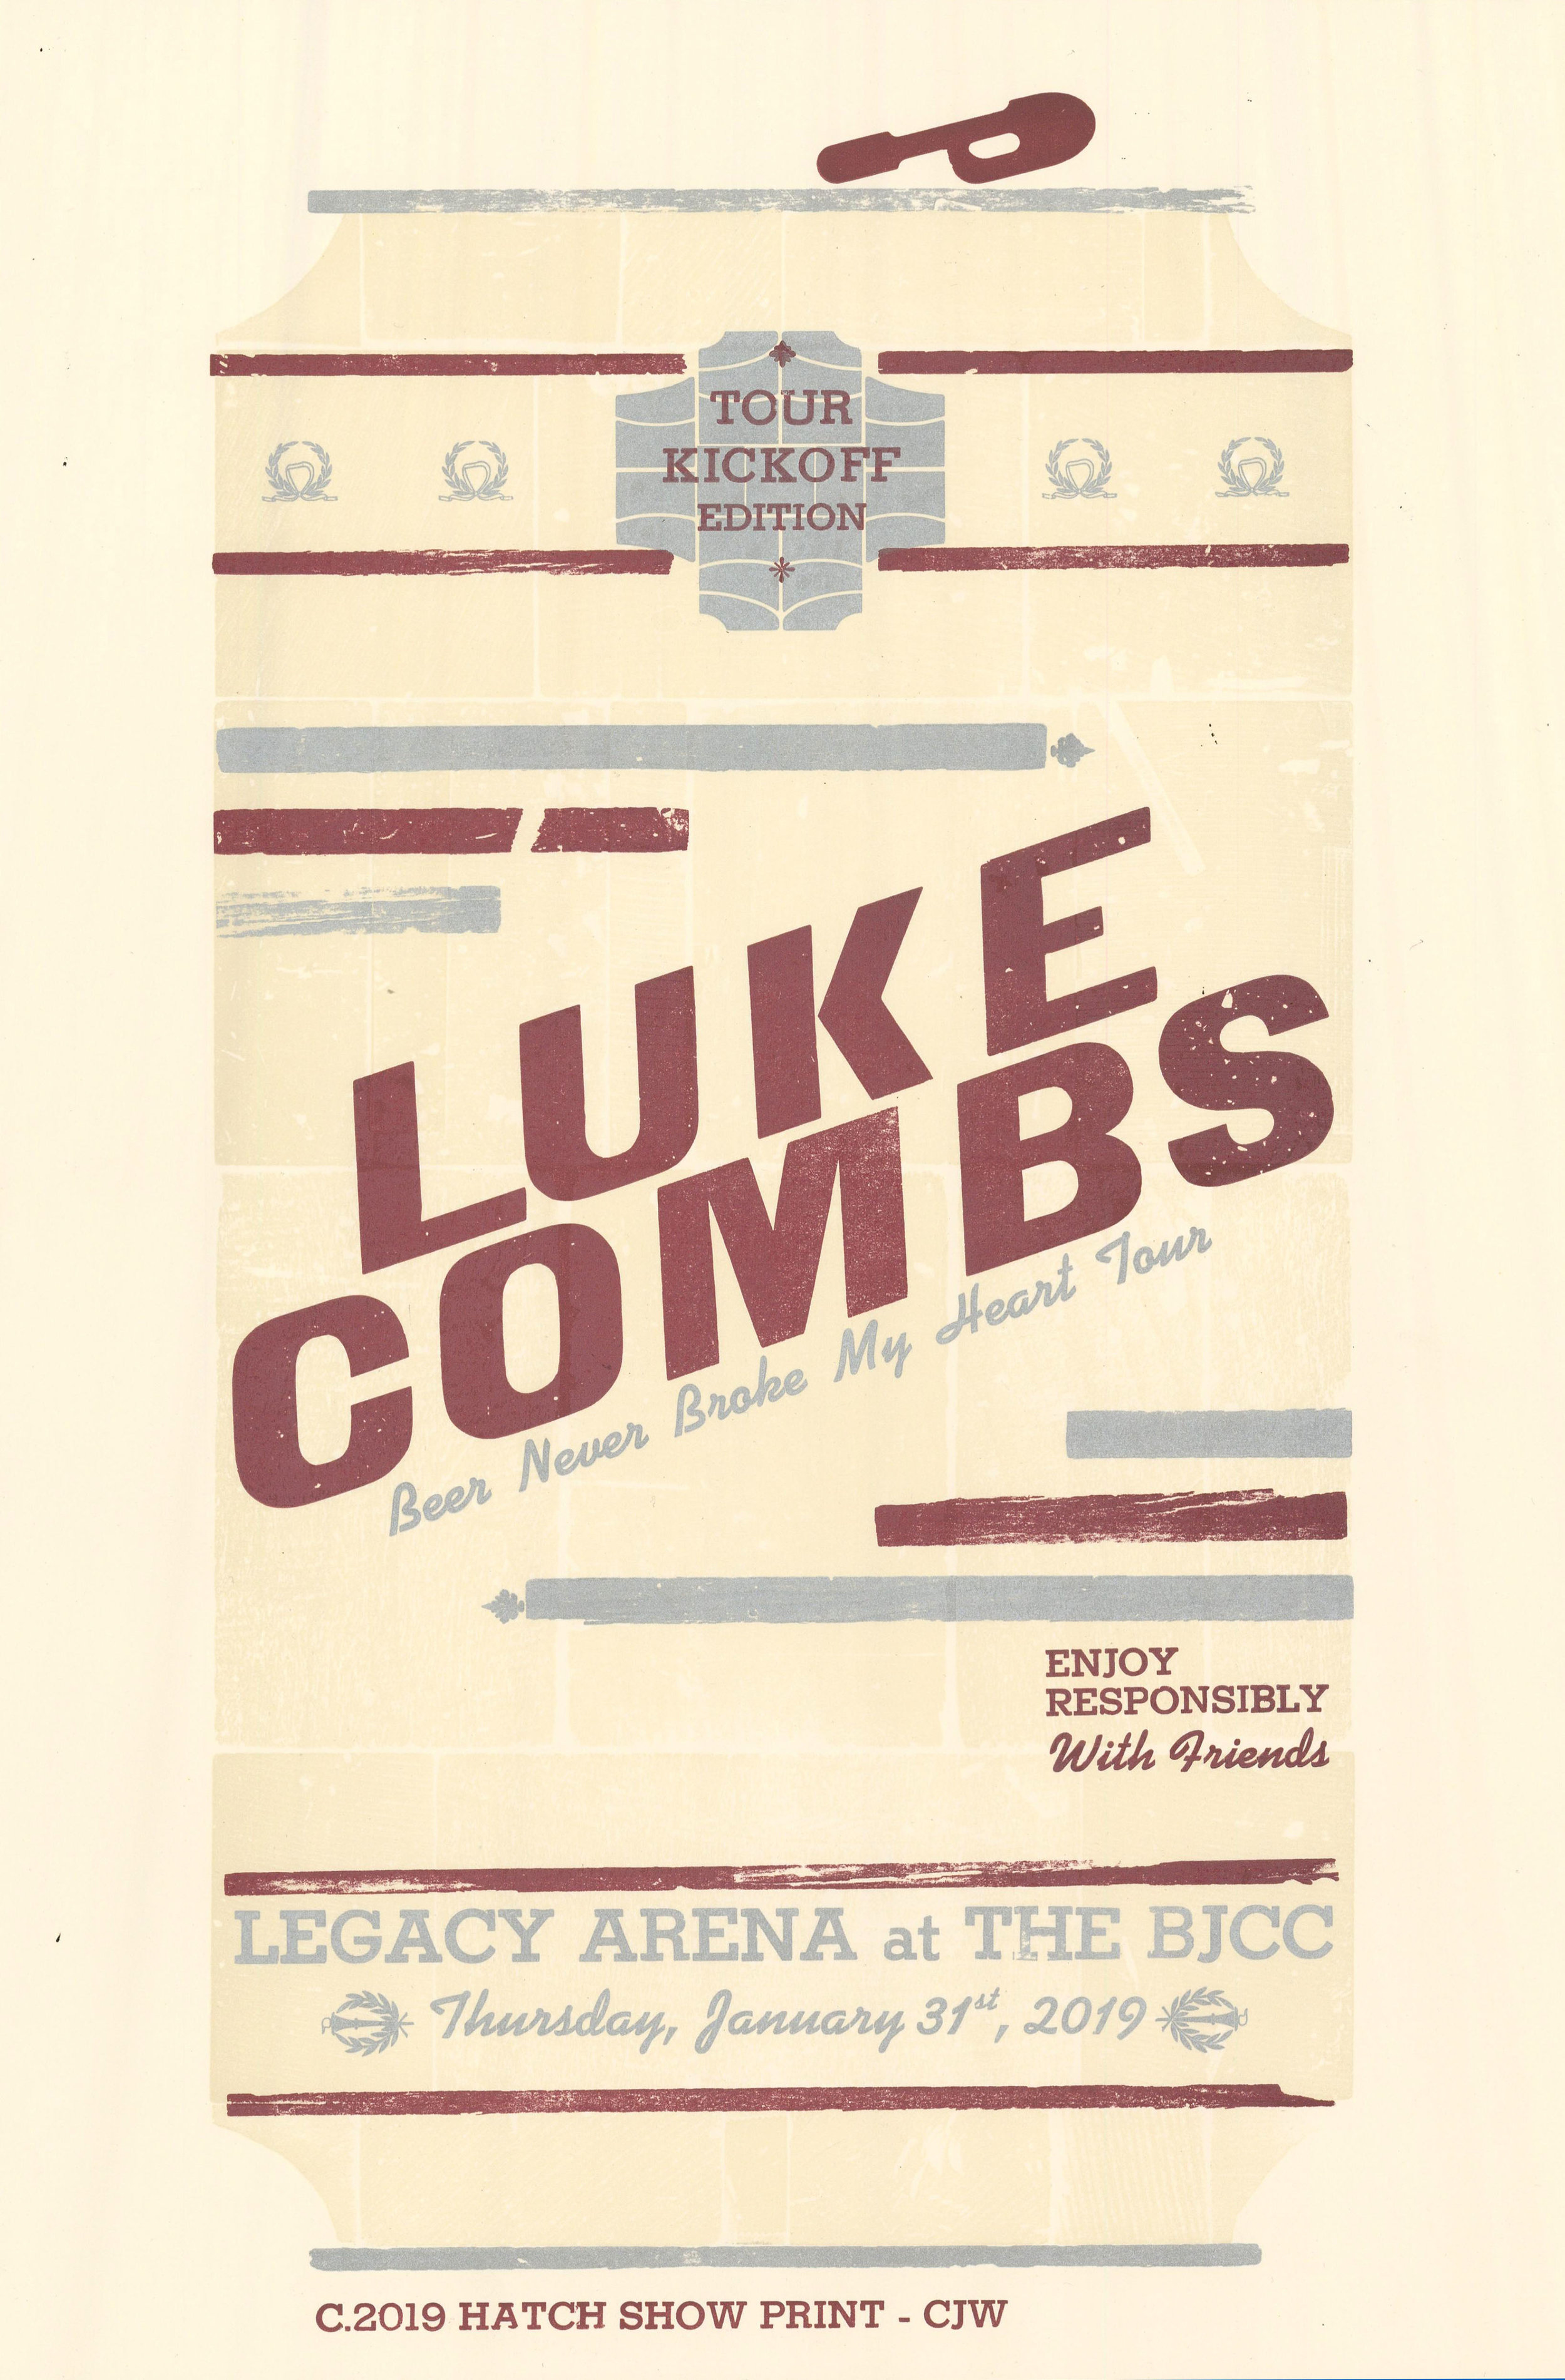 Luke Combs.jpg